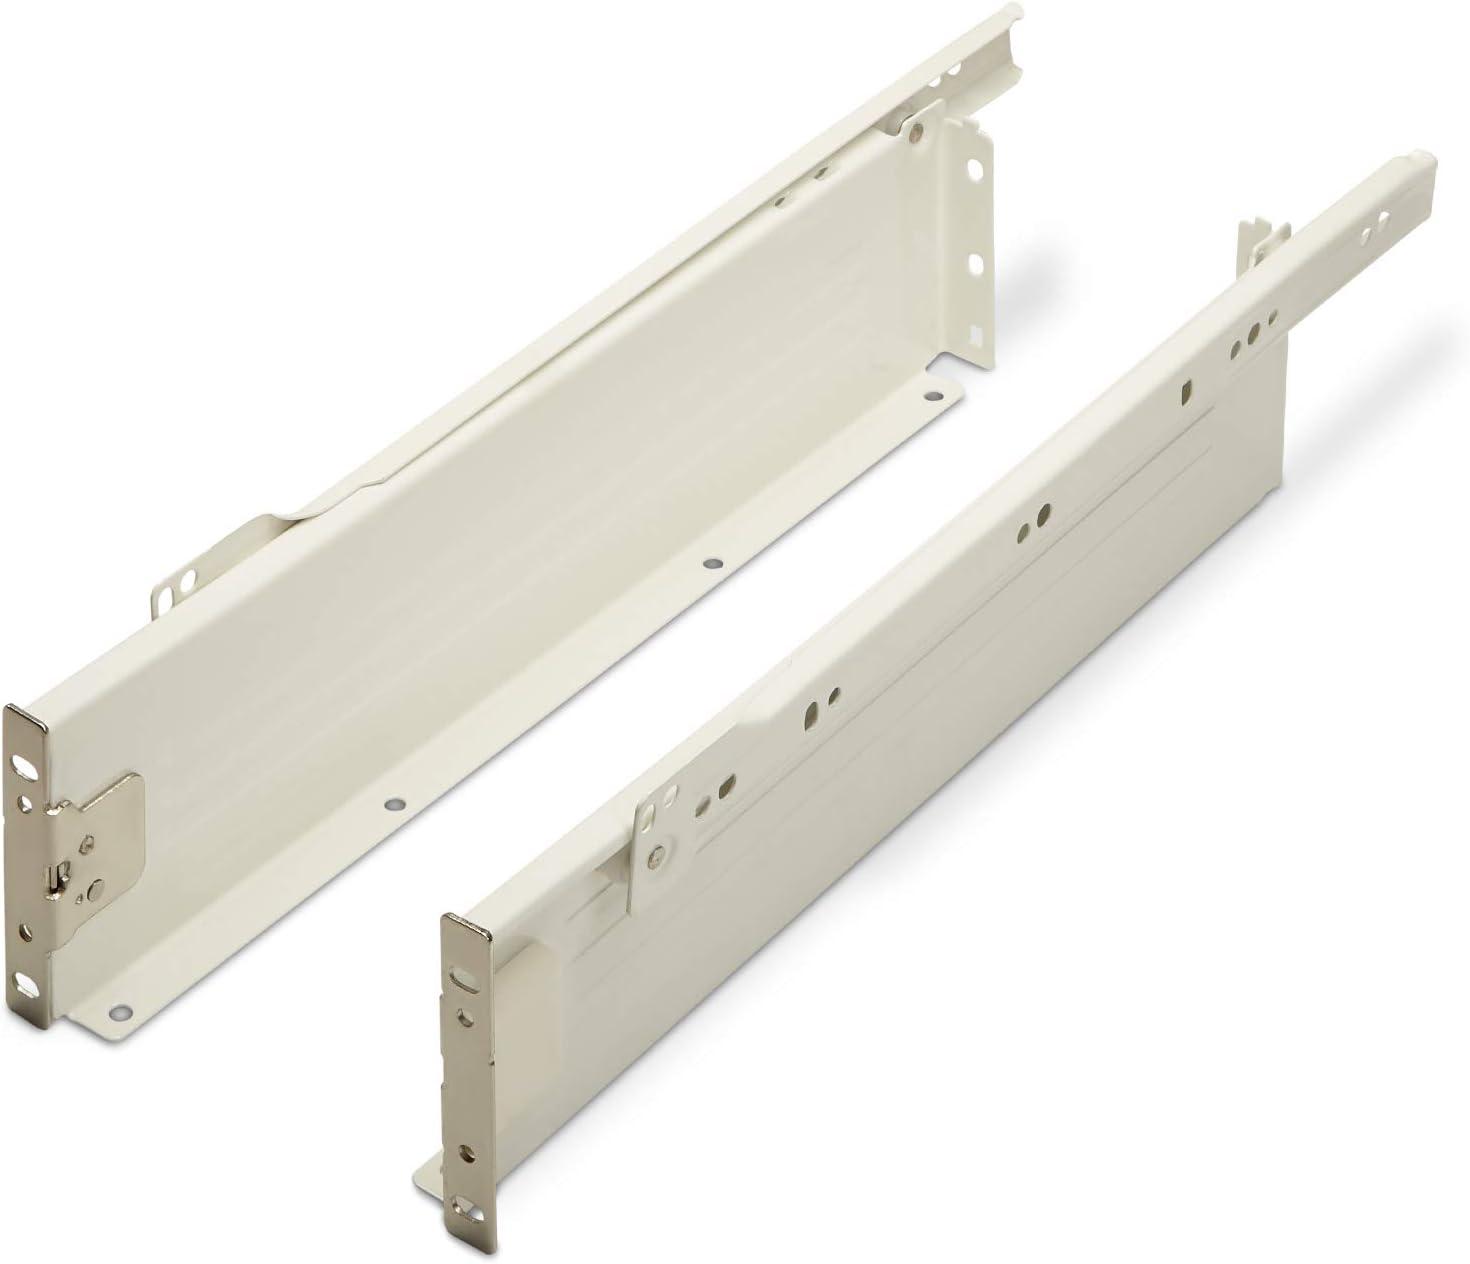 54 mm//Nennl/änge 500 mm cremewei/ß Schublade Schubkasten von SO-TECH Schubladensystem MetallBox Zargenh/öhe